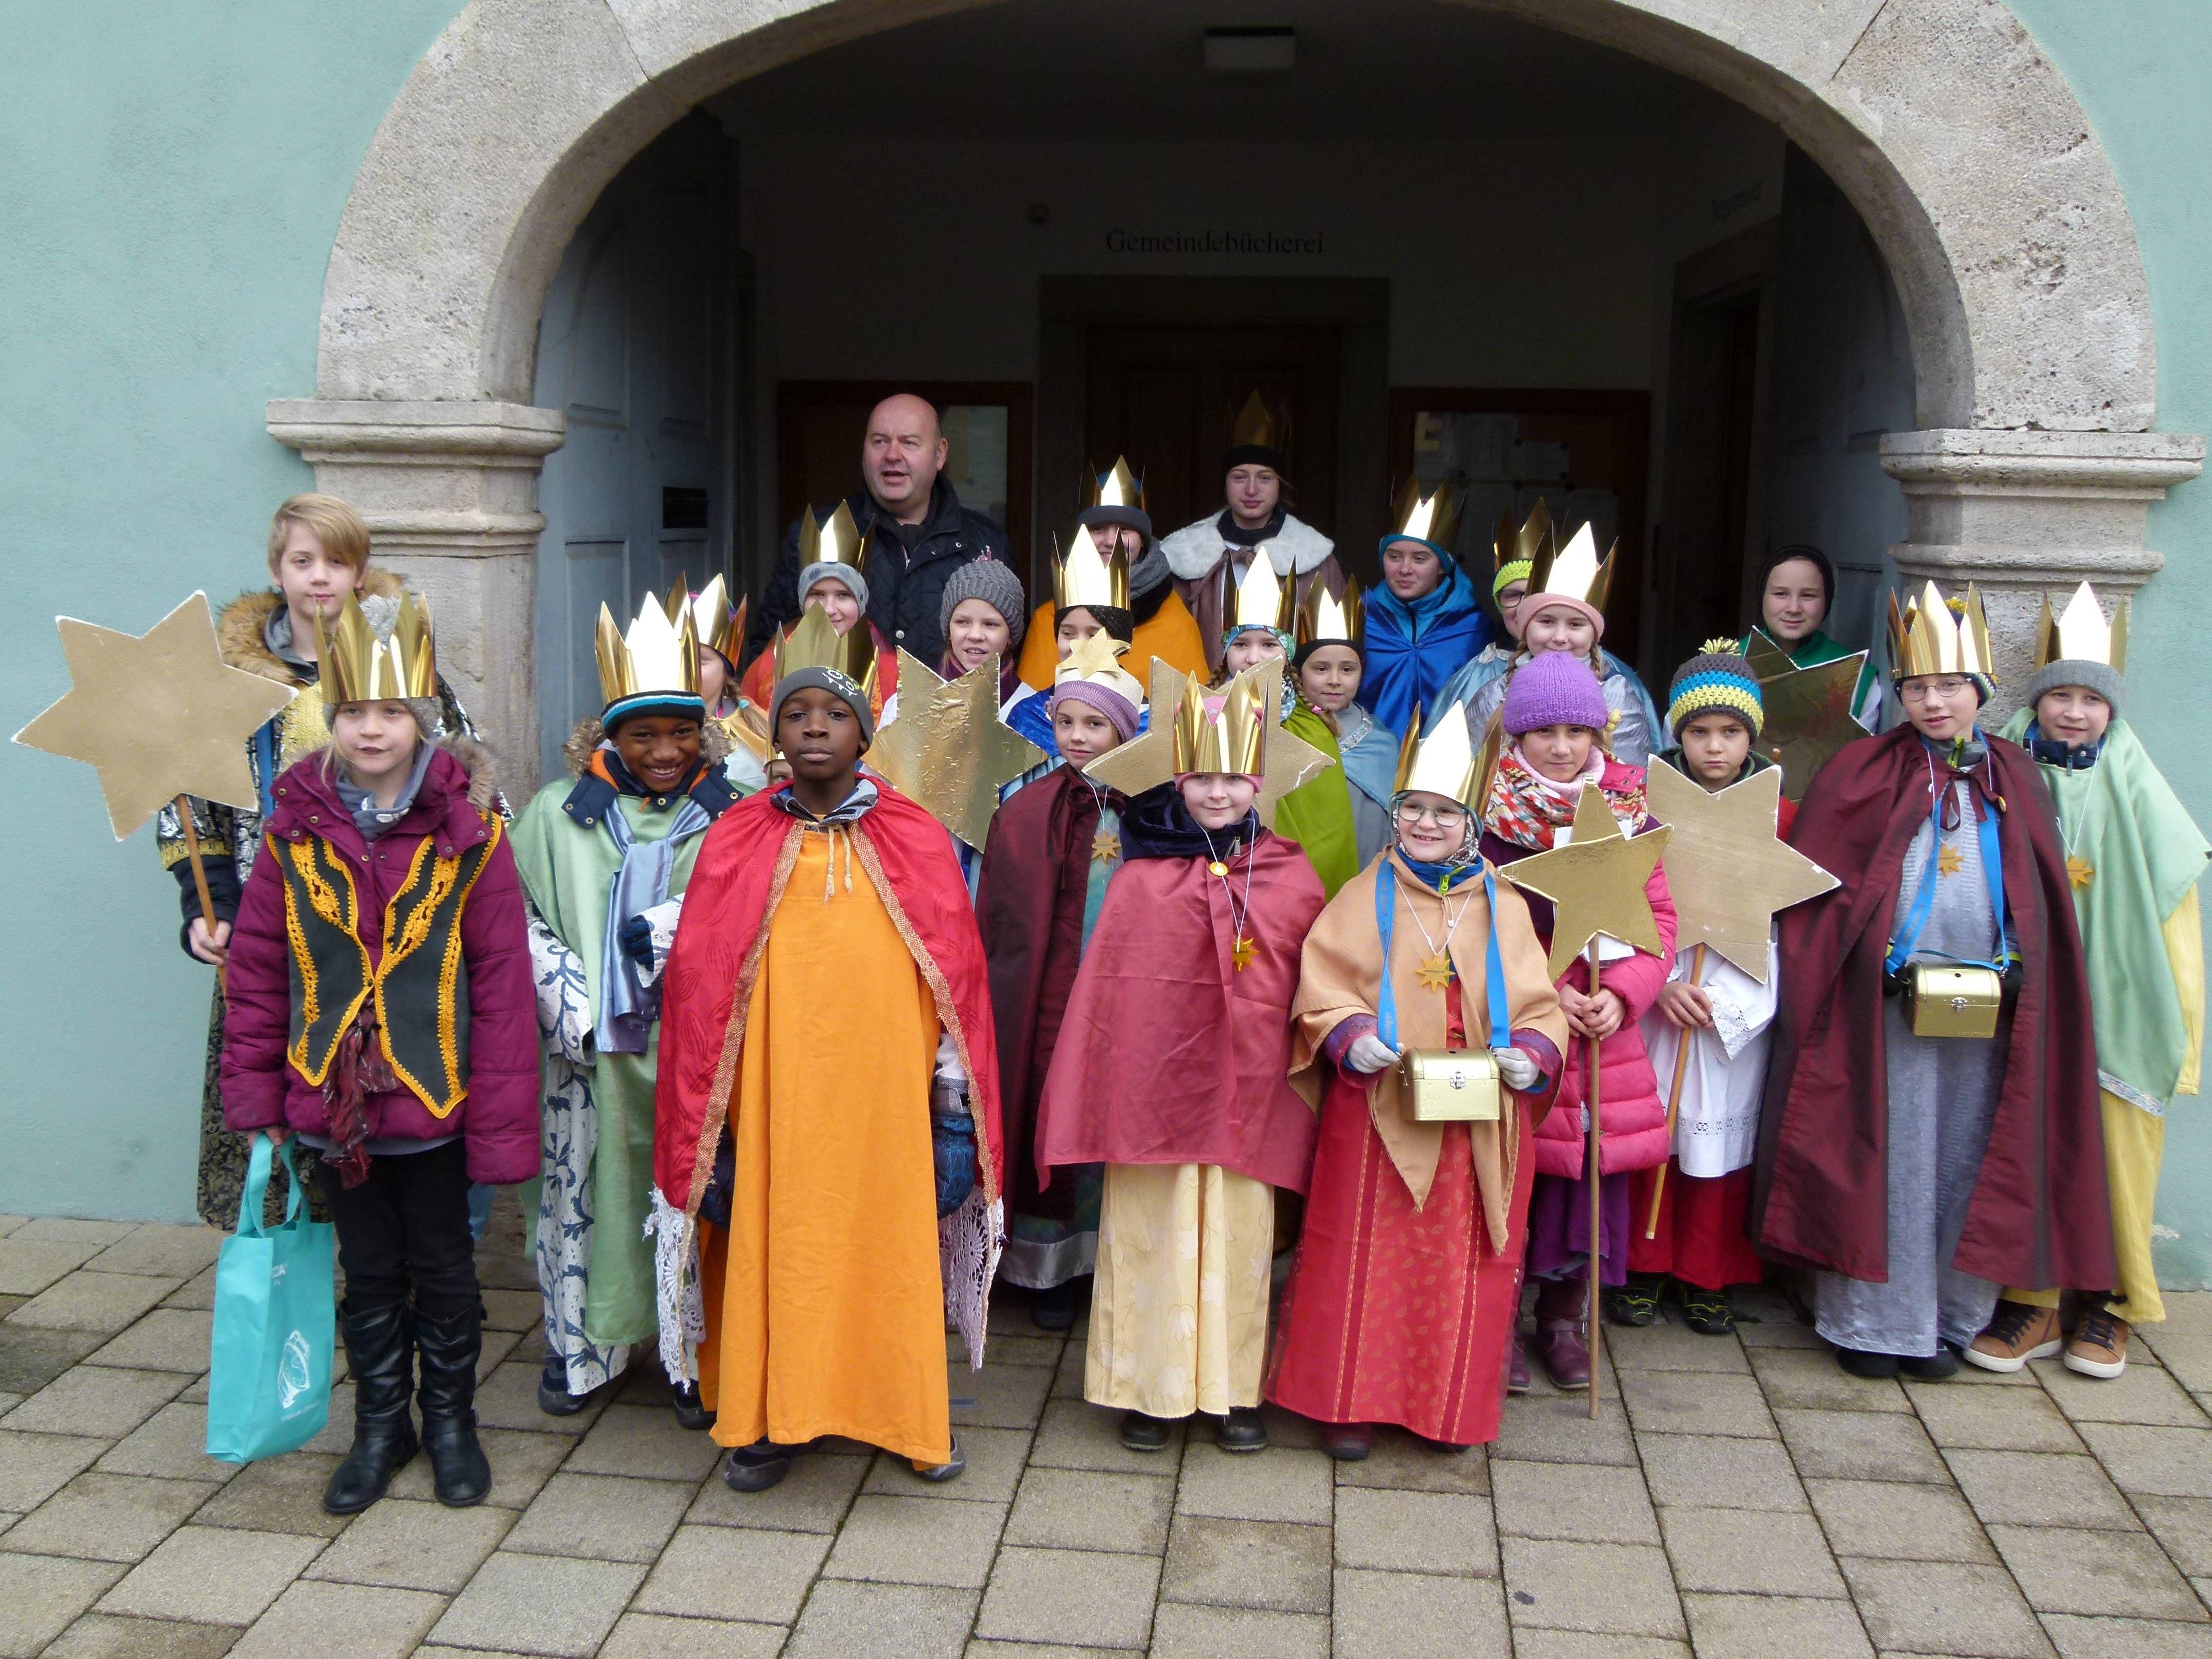 28 Kinder und Jugendliche waren mit sieben Gruppen am Dreikönigstag in Mainstockheim (Dekanatz Kitzingen) im Einsatz.